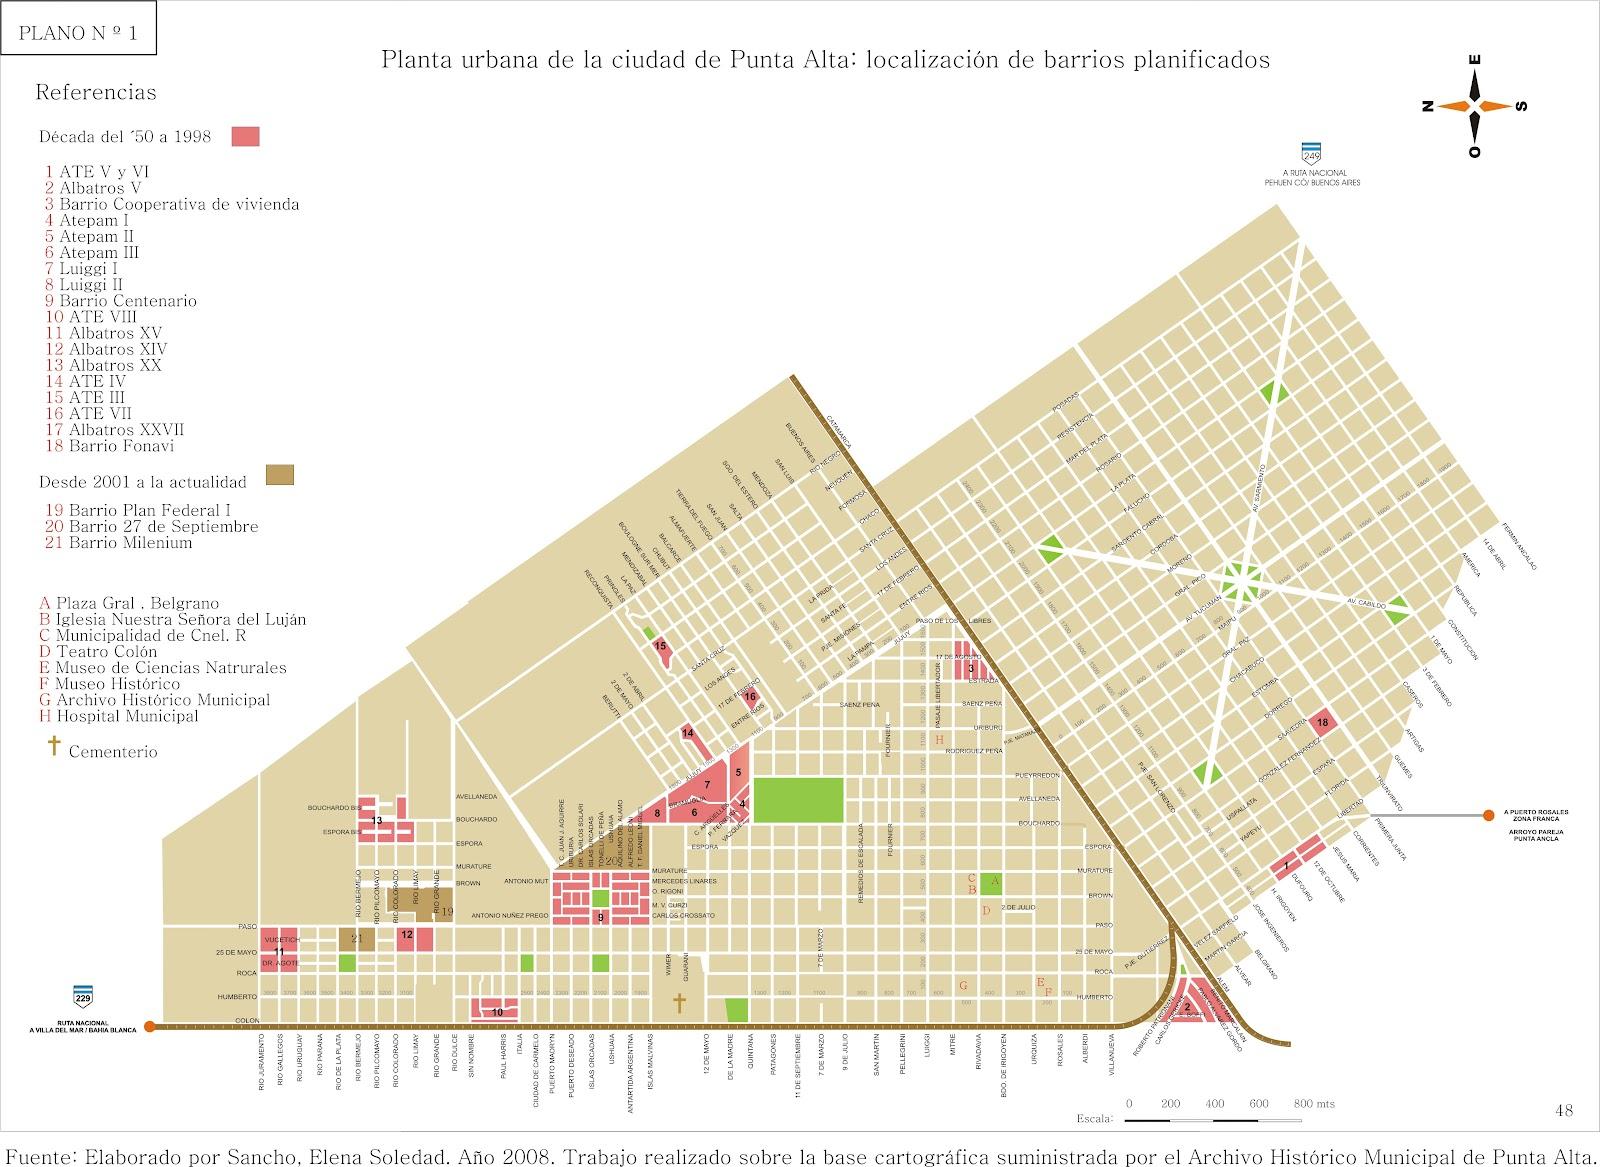 Geoperspectivas geografa y educacin dinmica territorial de la planta urbana de punta alta localizacin de barrios planificados sancho 2008 thecheapjerseys Images